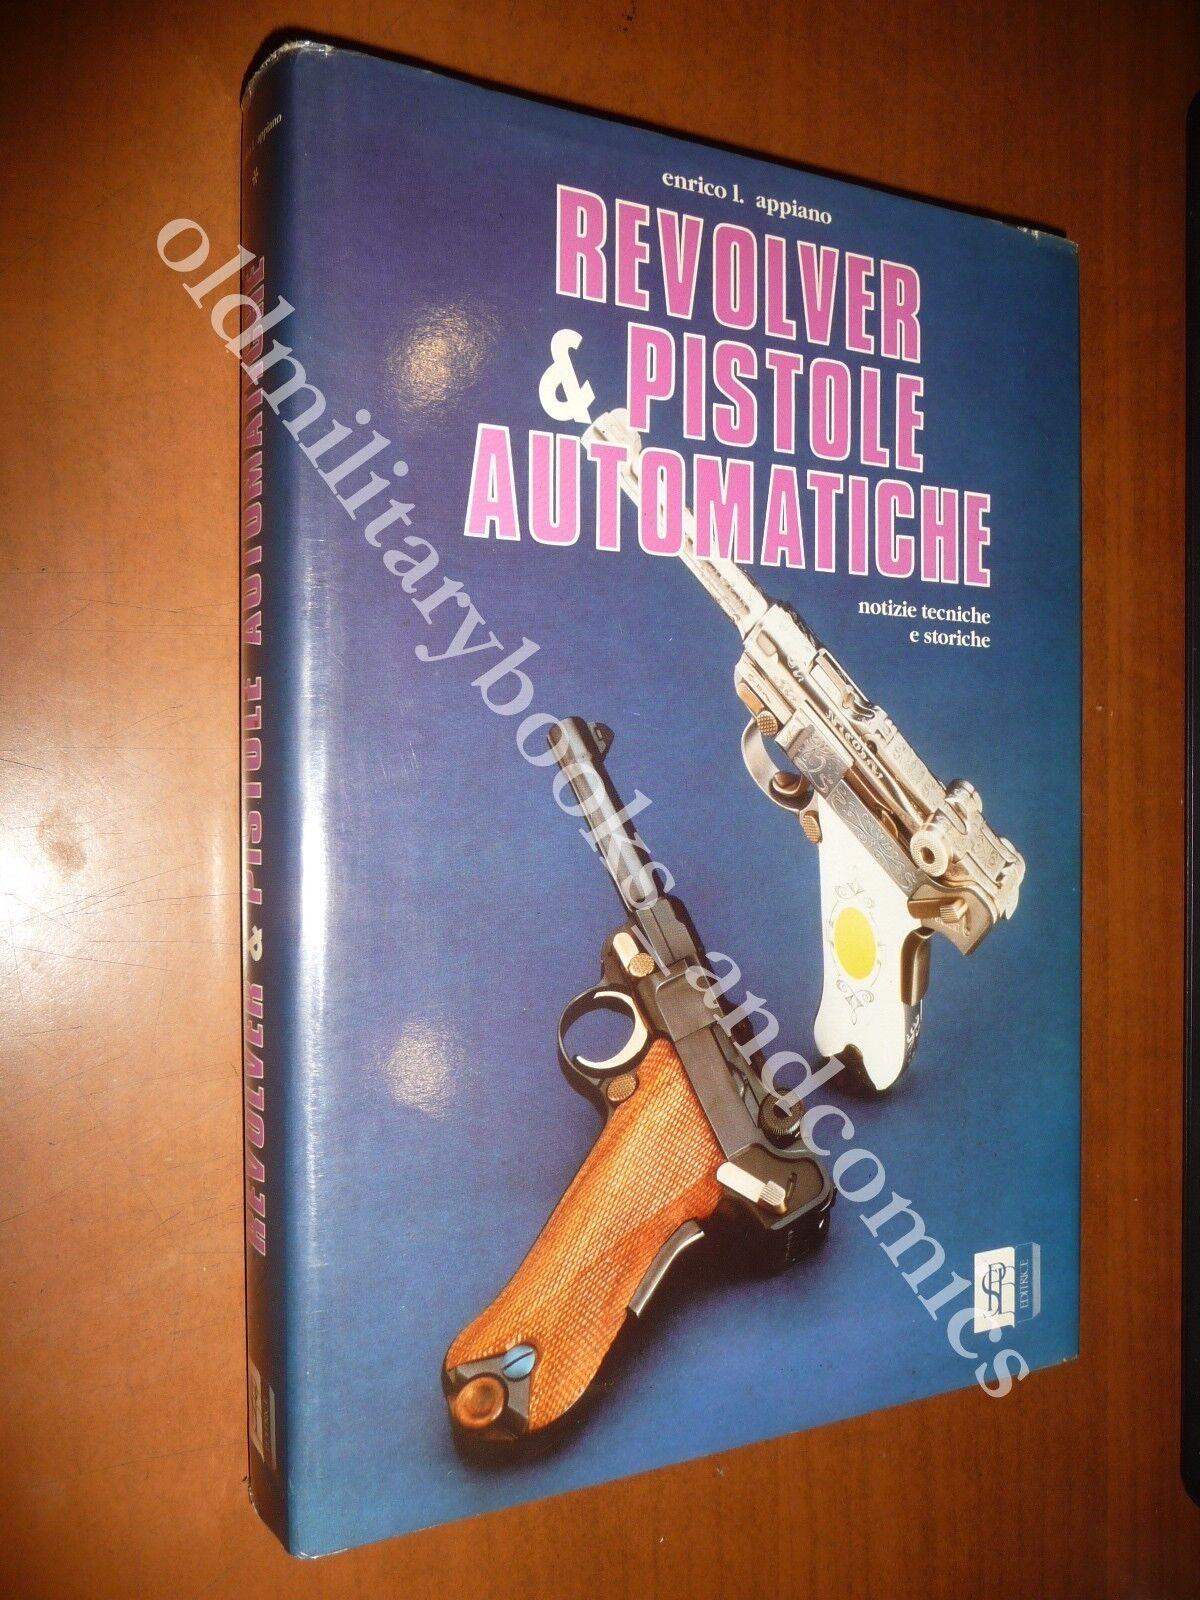 REVOLVER & PISTOLE AUTOMATICHE ENRICO APPIANO 1990 ARMI DA FUOCO